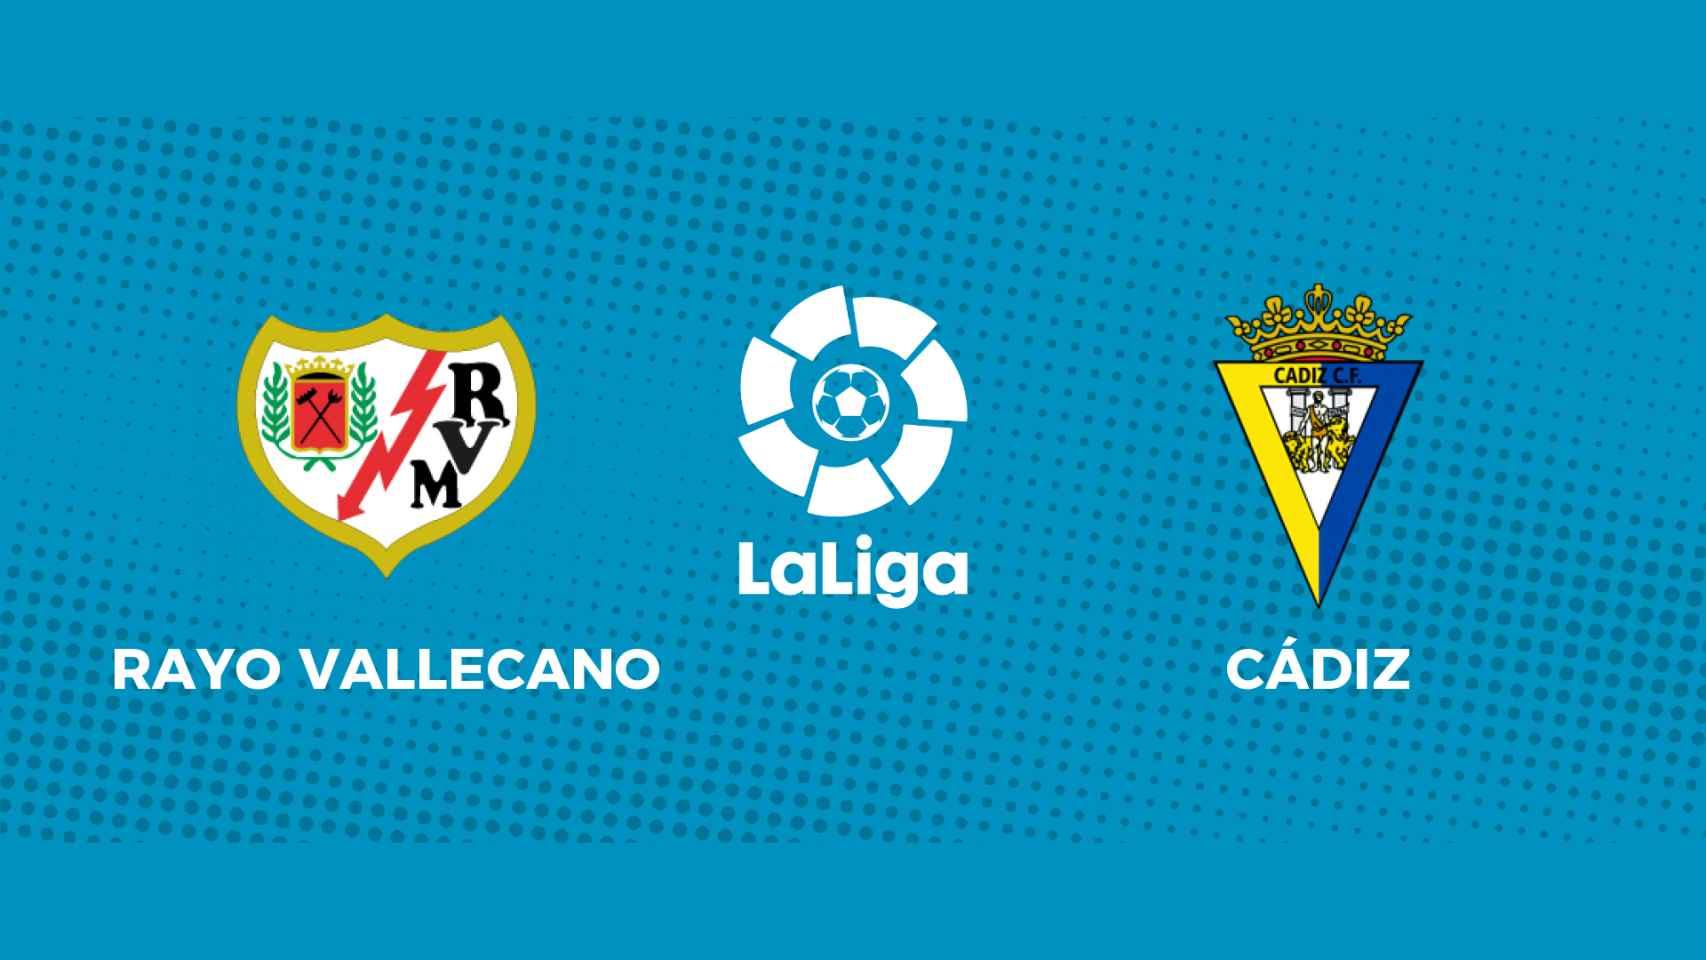 Rayo Vallecano - Cádiz: siga en directo el partido de La Liga